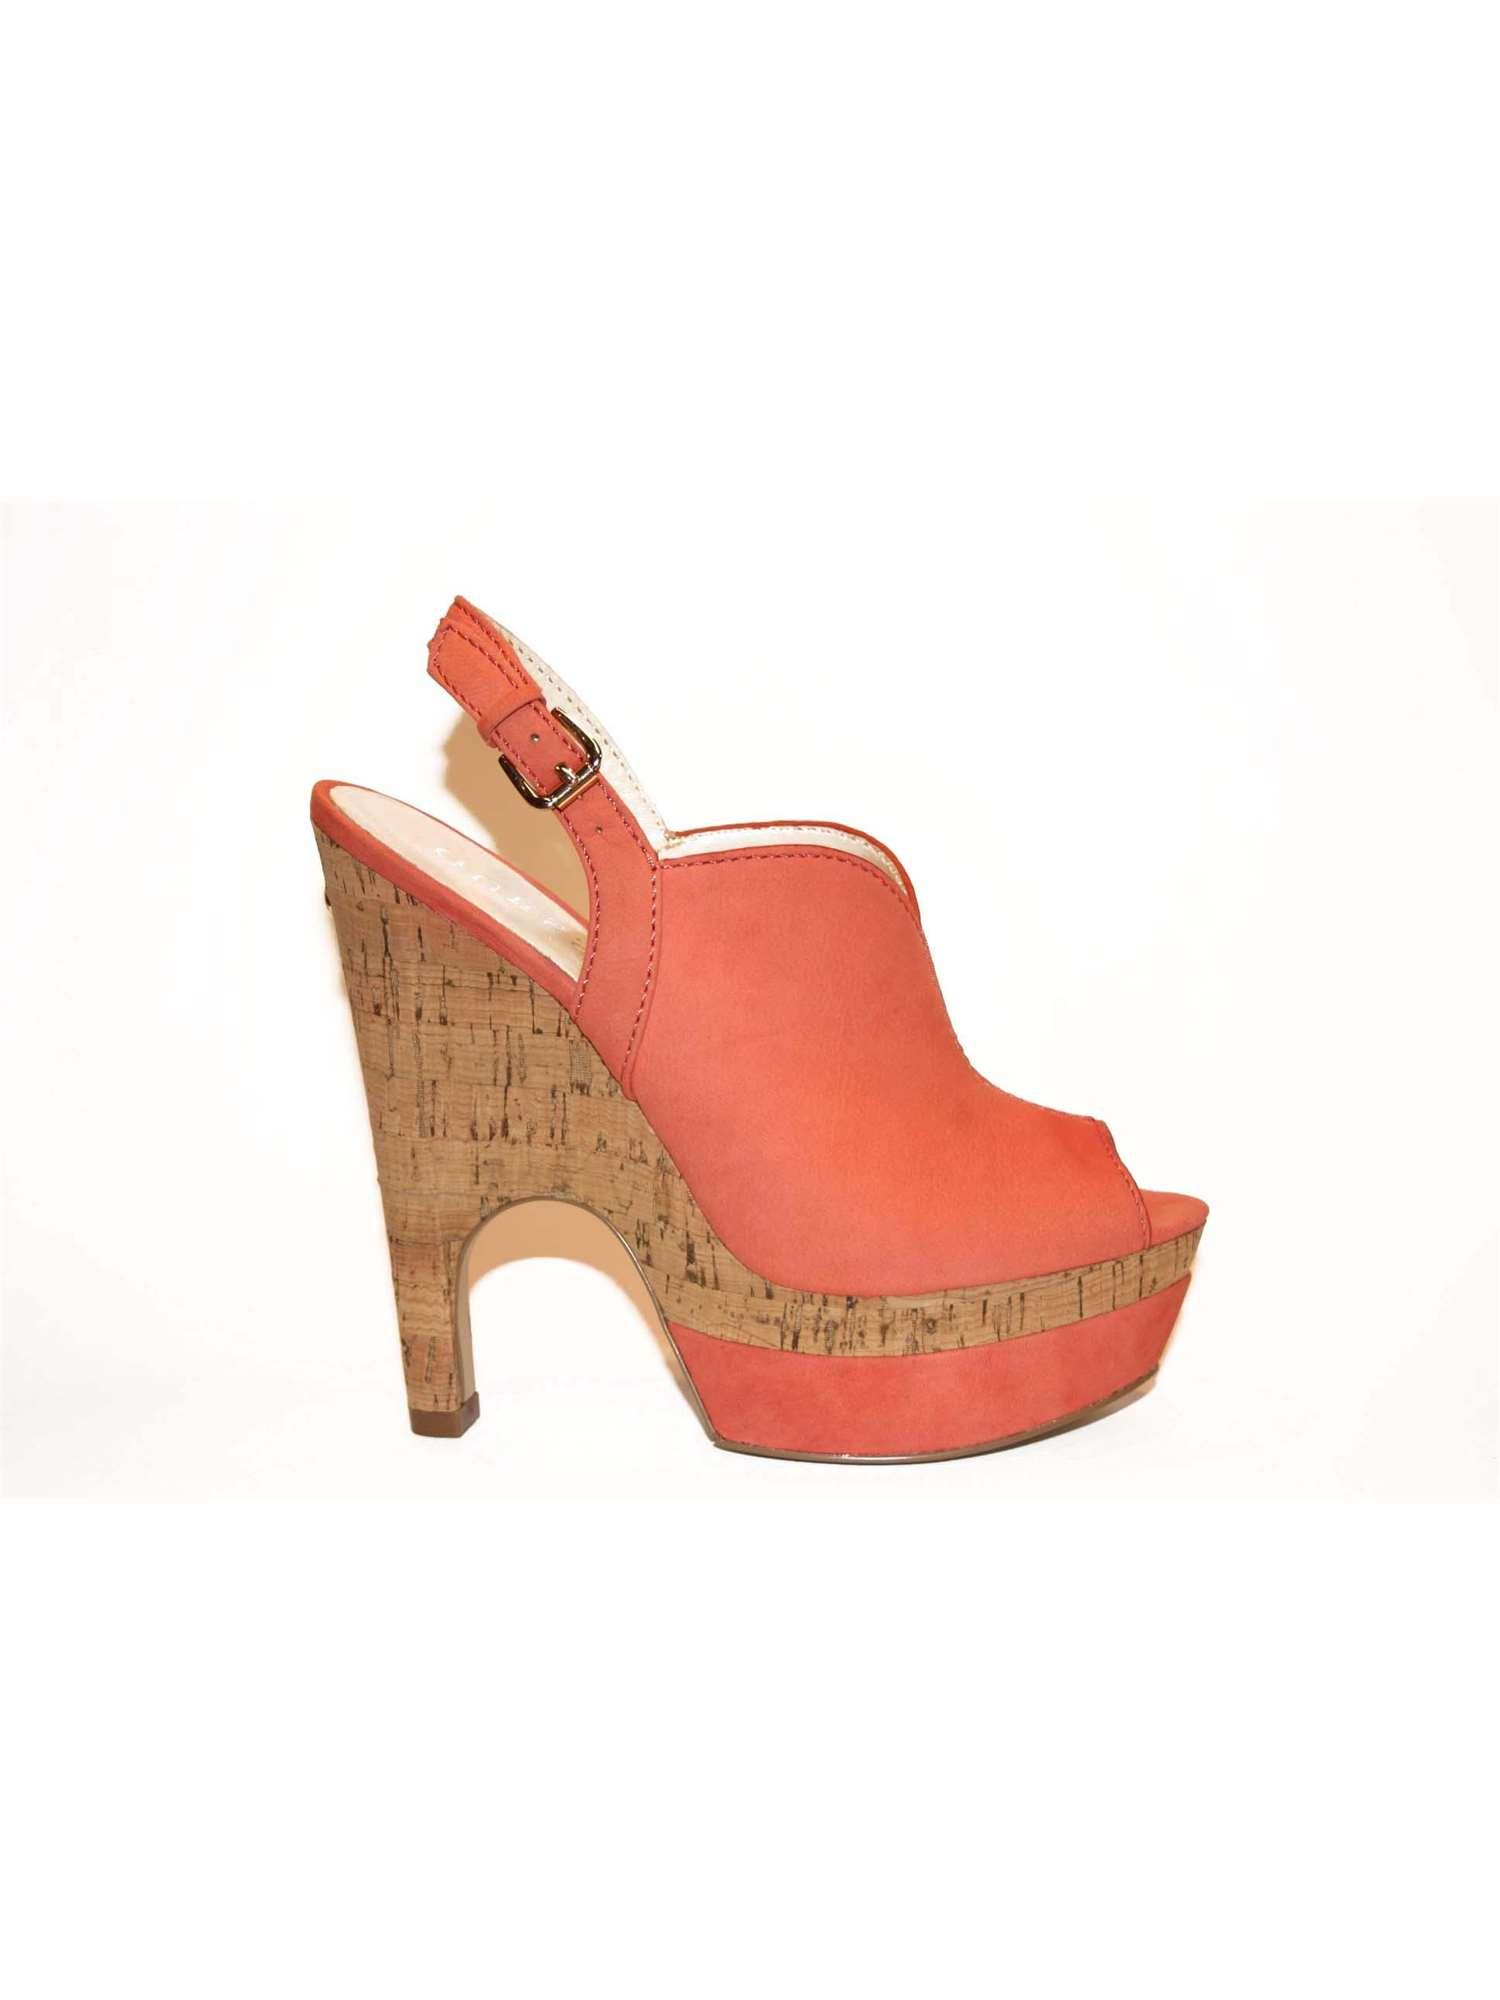 new product 0c4ff 85de5 Guess Calzature Sandalo Rosso | Sandalo Donna Nubuk | Tania ...